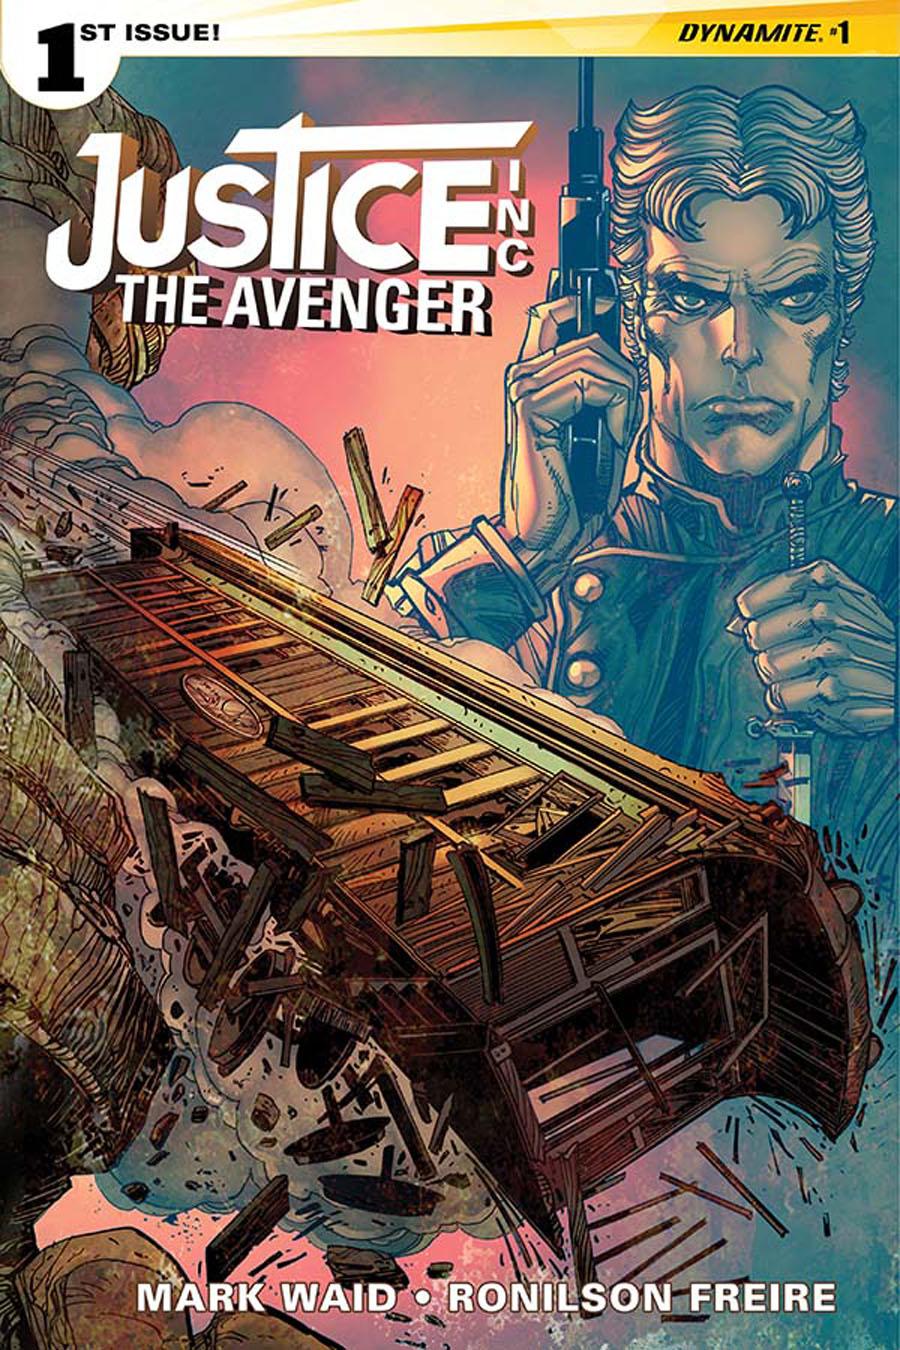 Justice Inc The Avenger #1 Cover B Regular Walter Simonson Cover